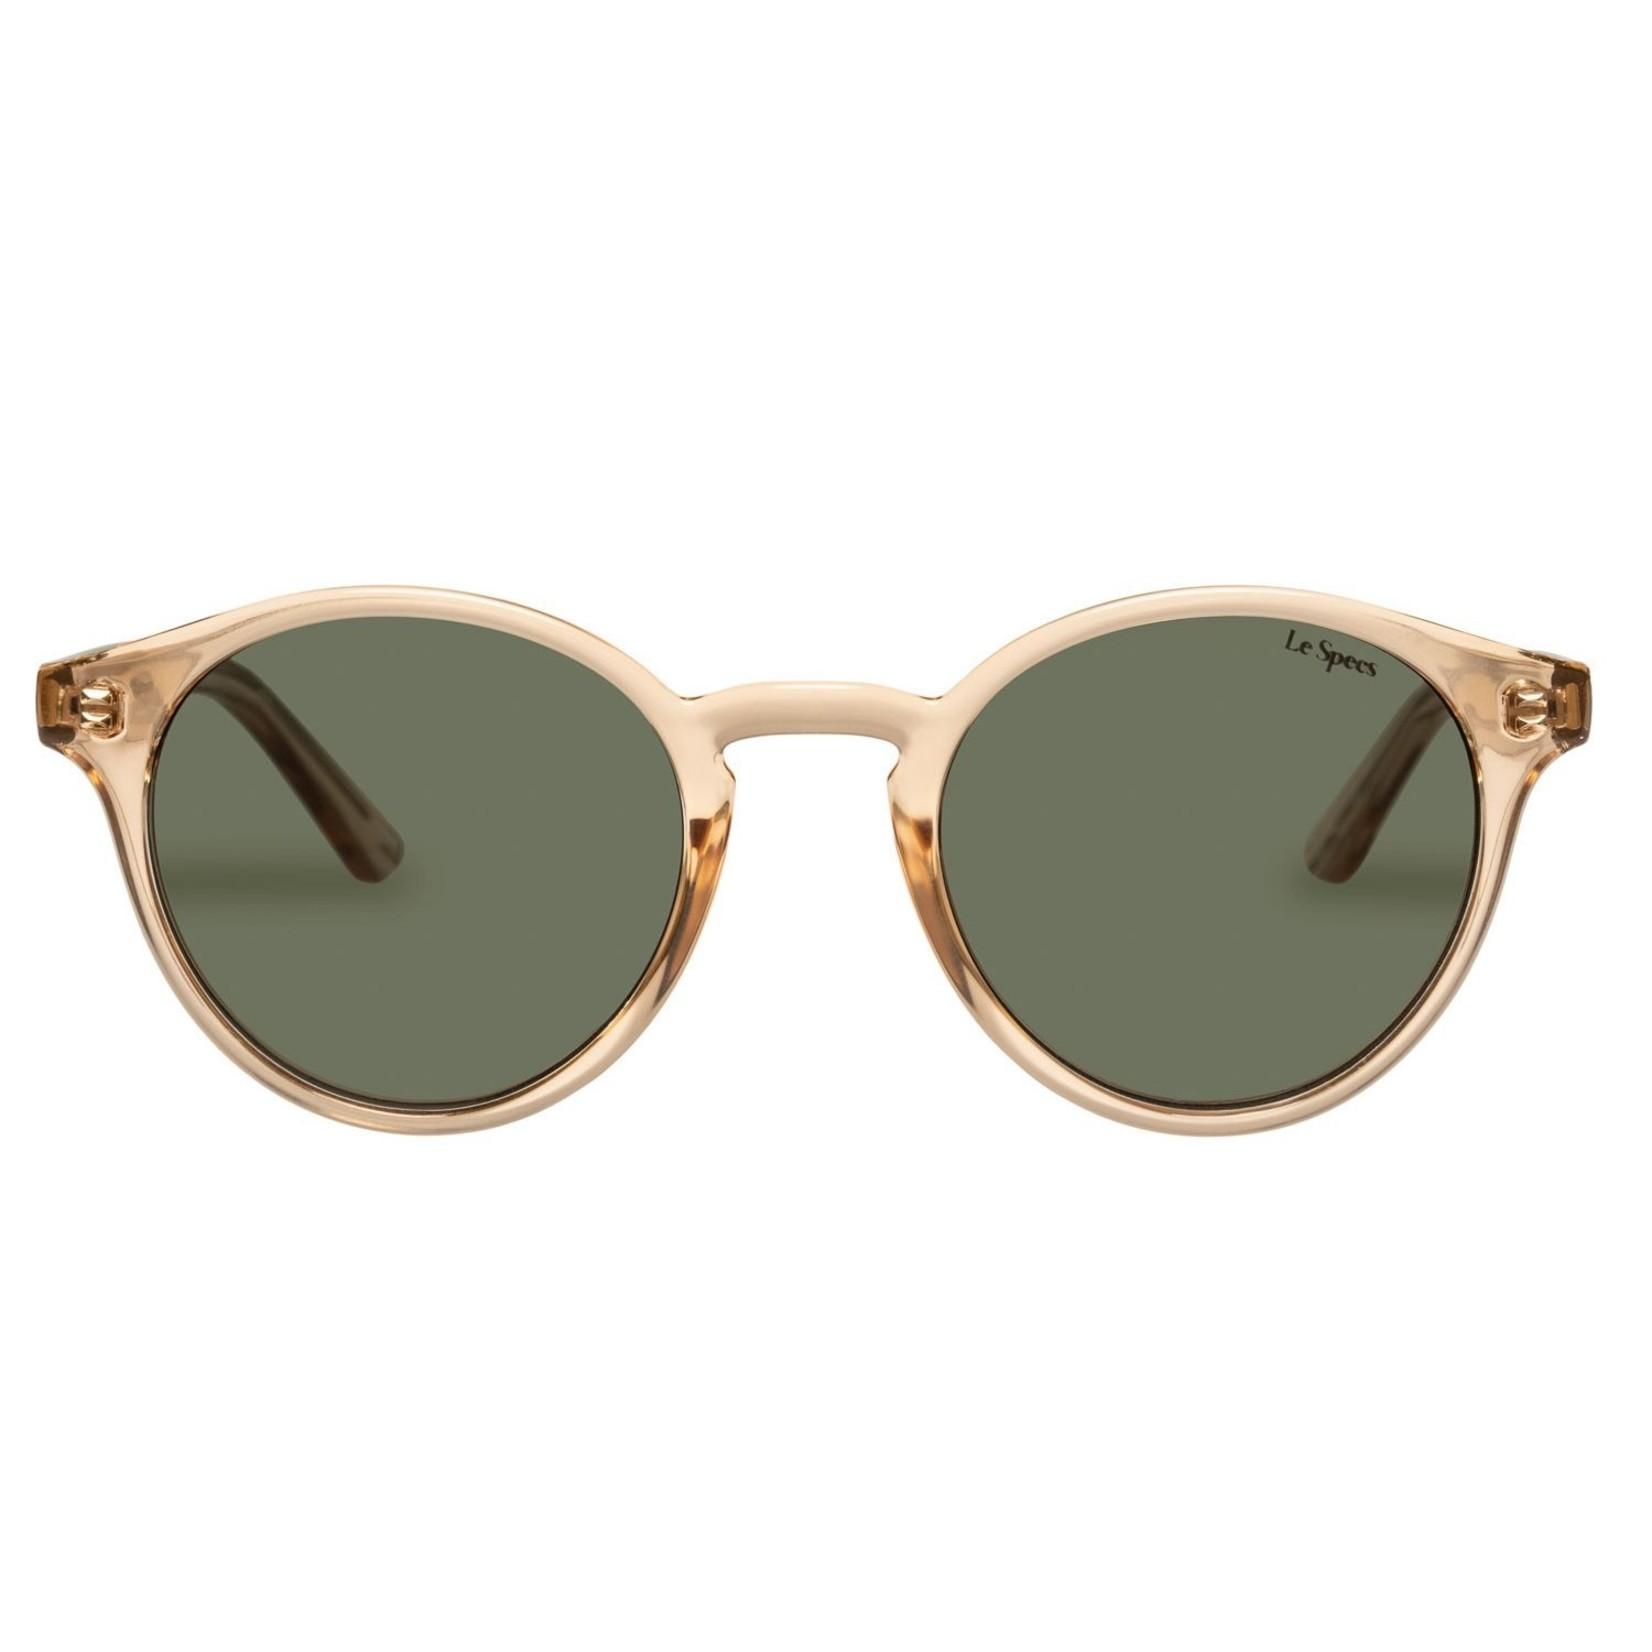 Le Specs Le Specs Whirlwind Sunglasses